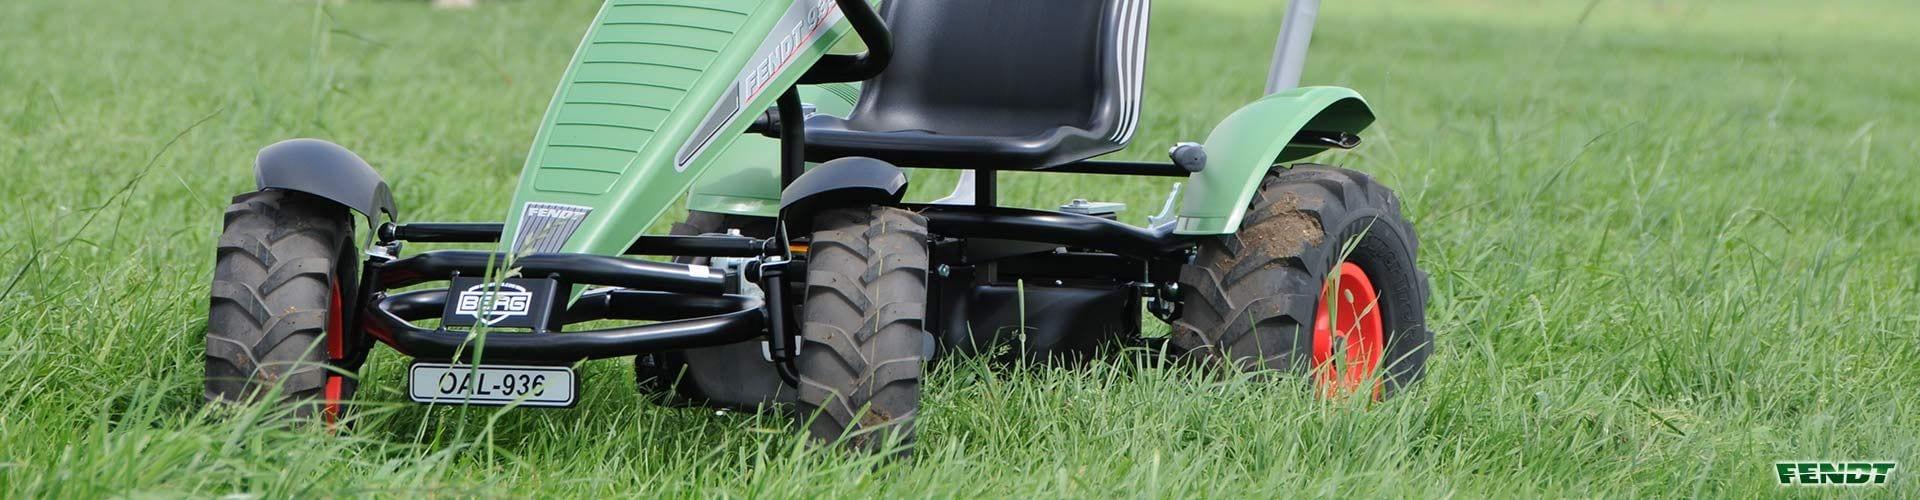 Berg License Plate Kit (for Xl Frame) – Go Kart Accessory